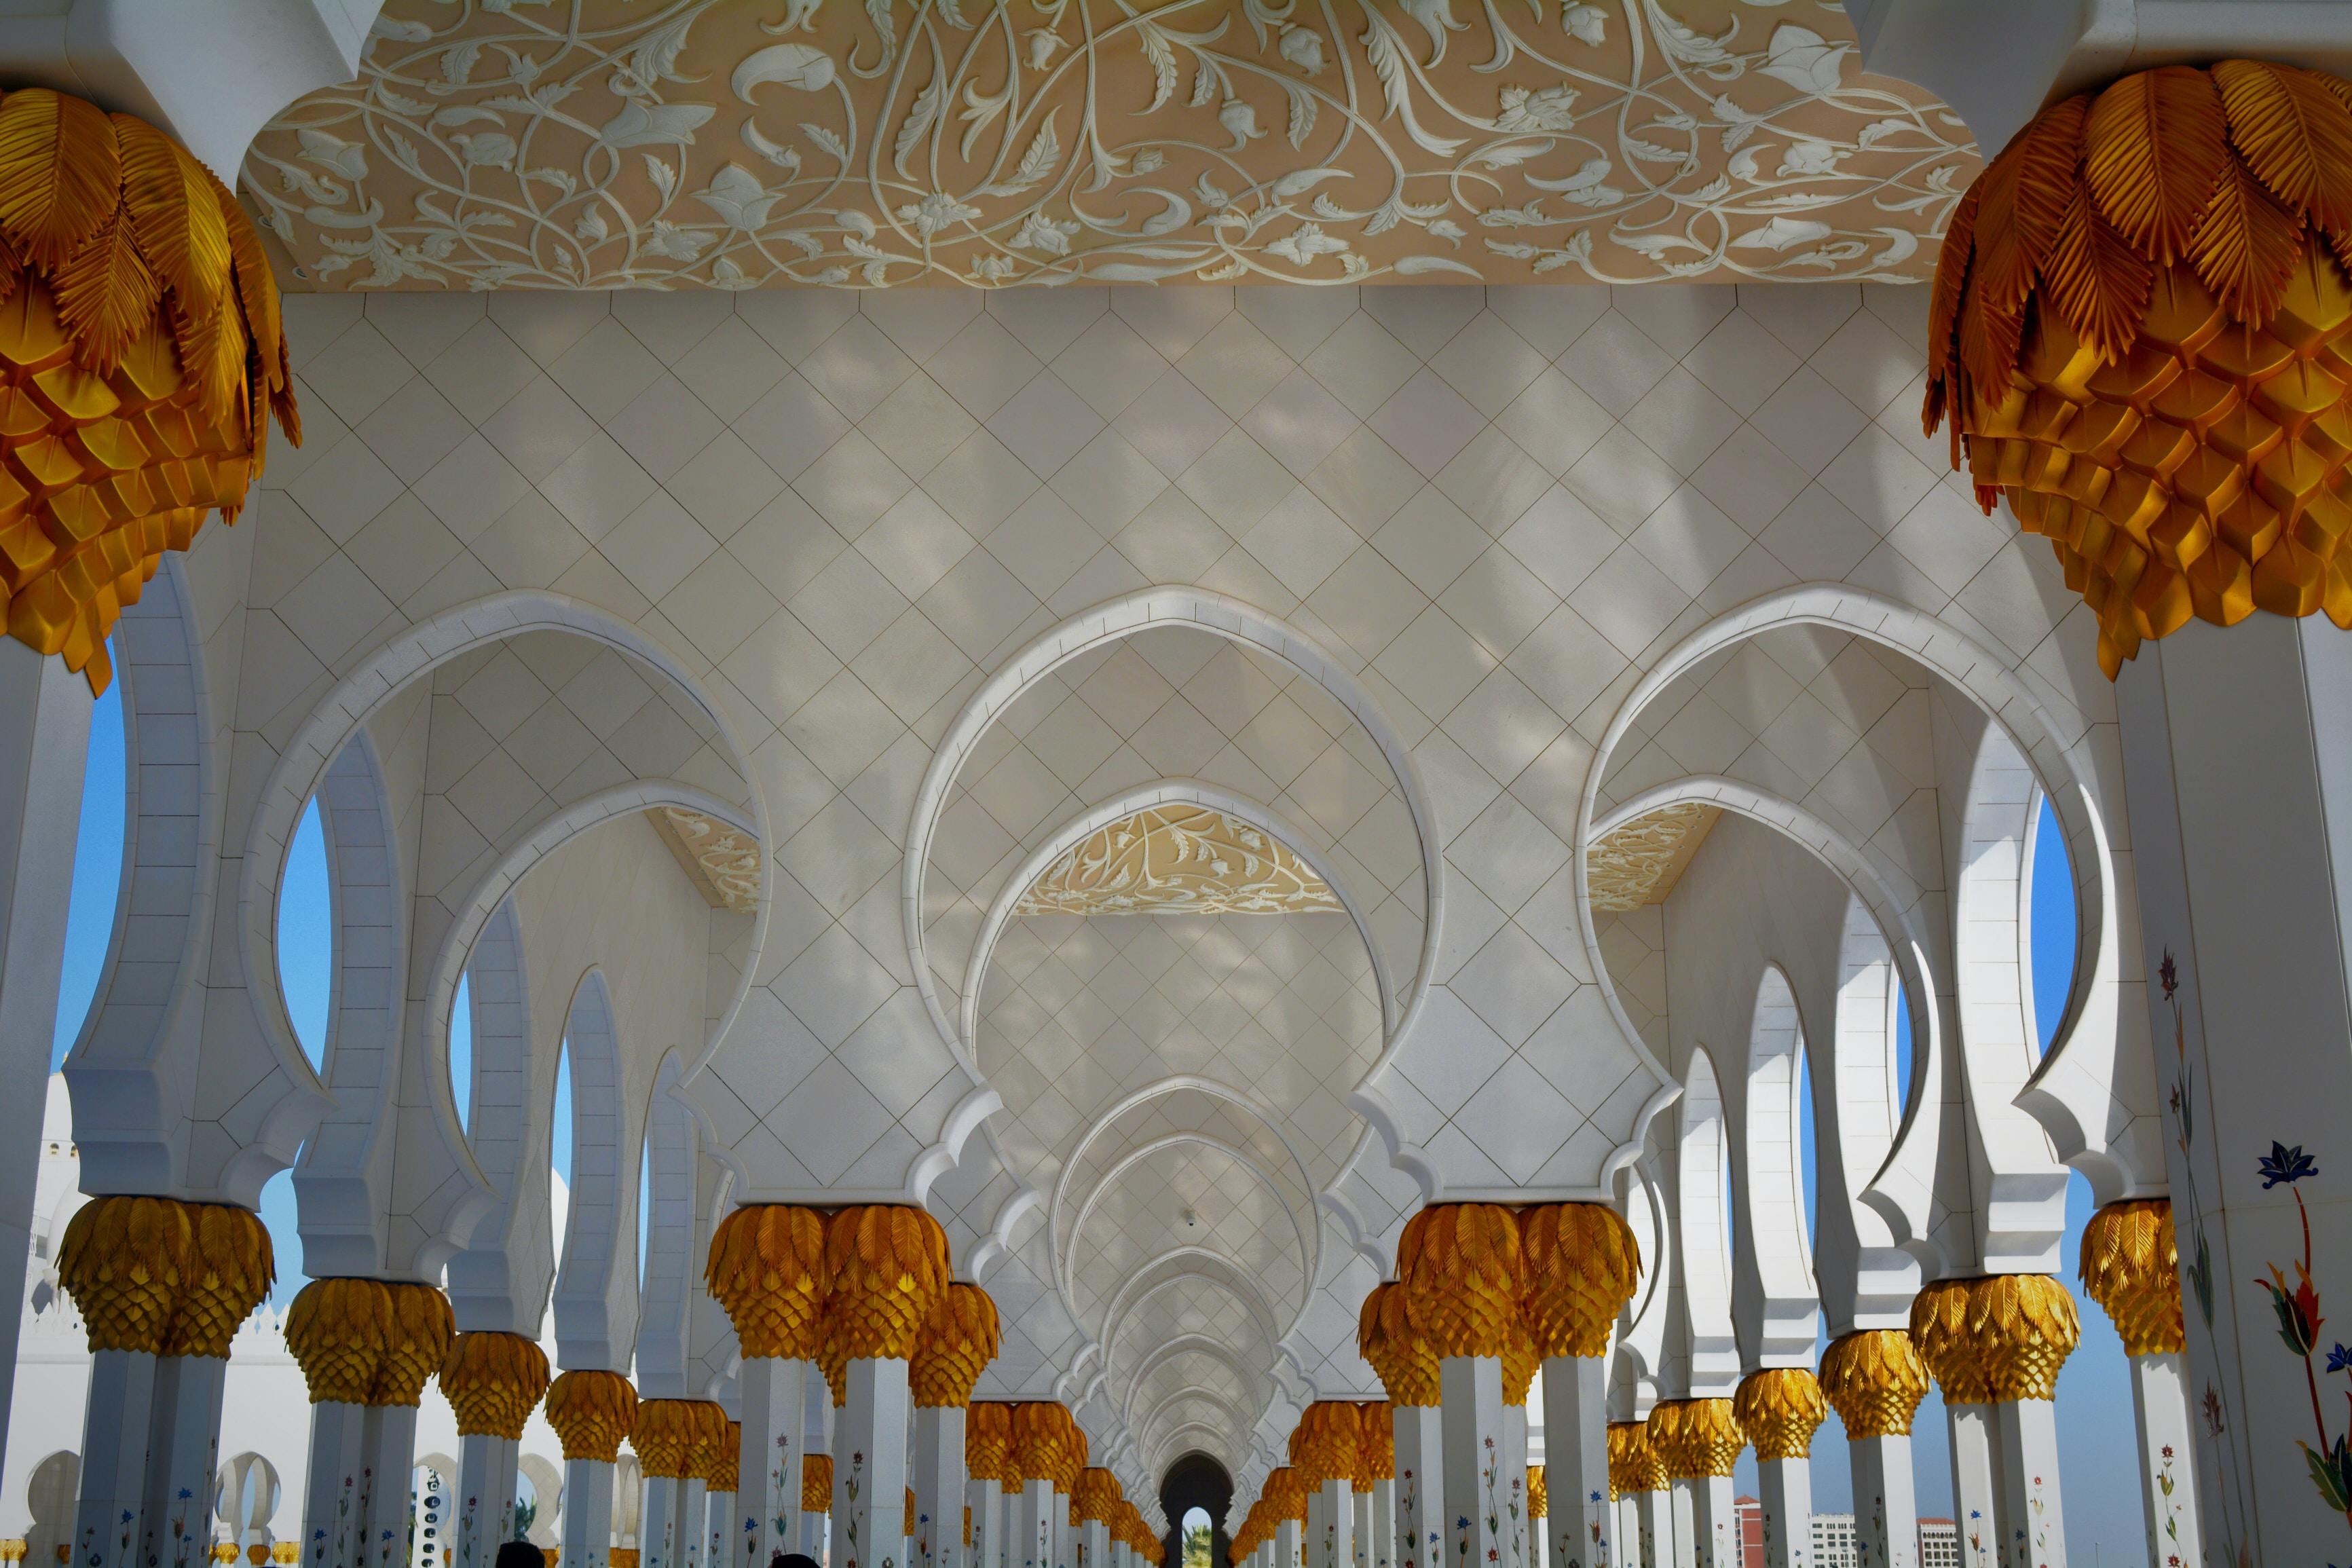 white and orange dome building interior